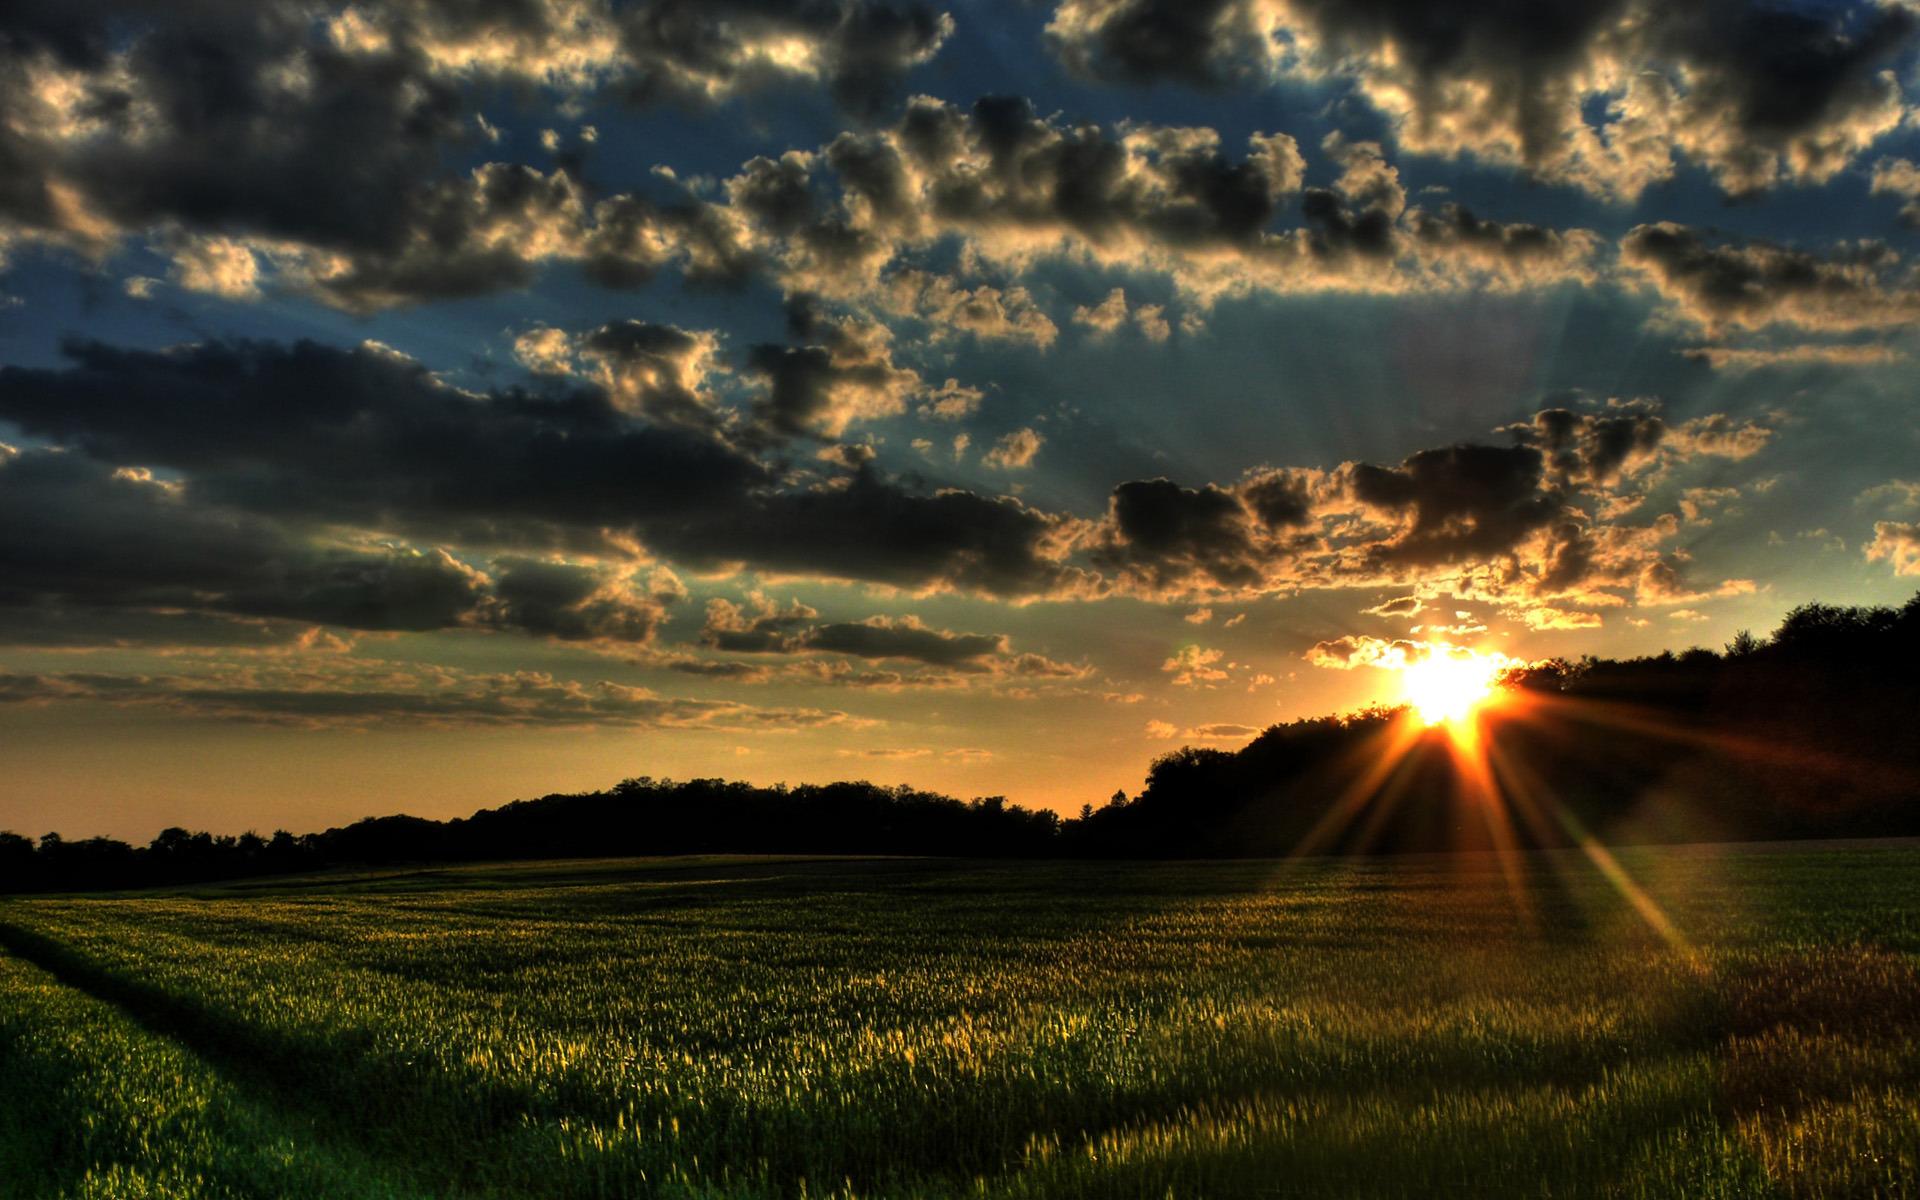 Sonnenaufgang HD Wallpaper